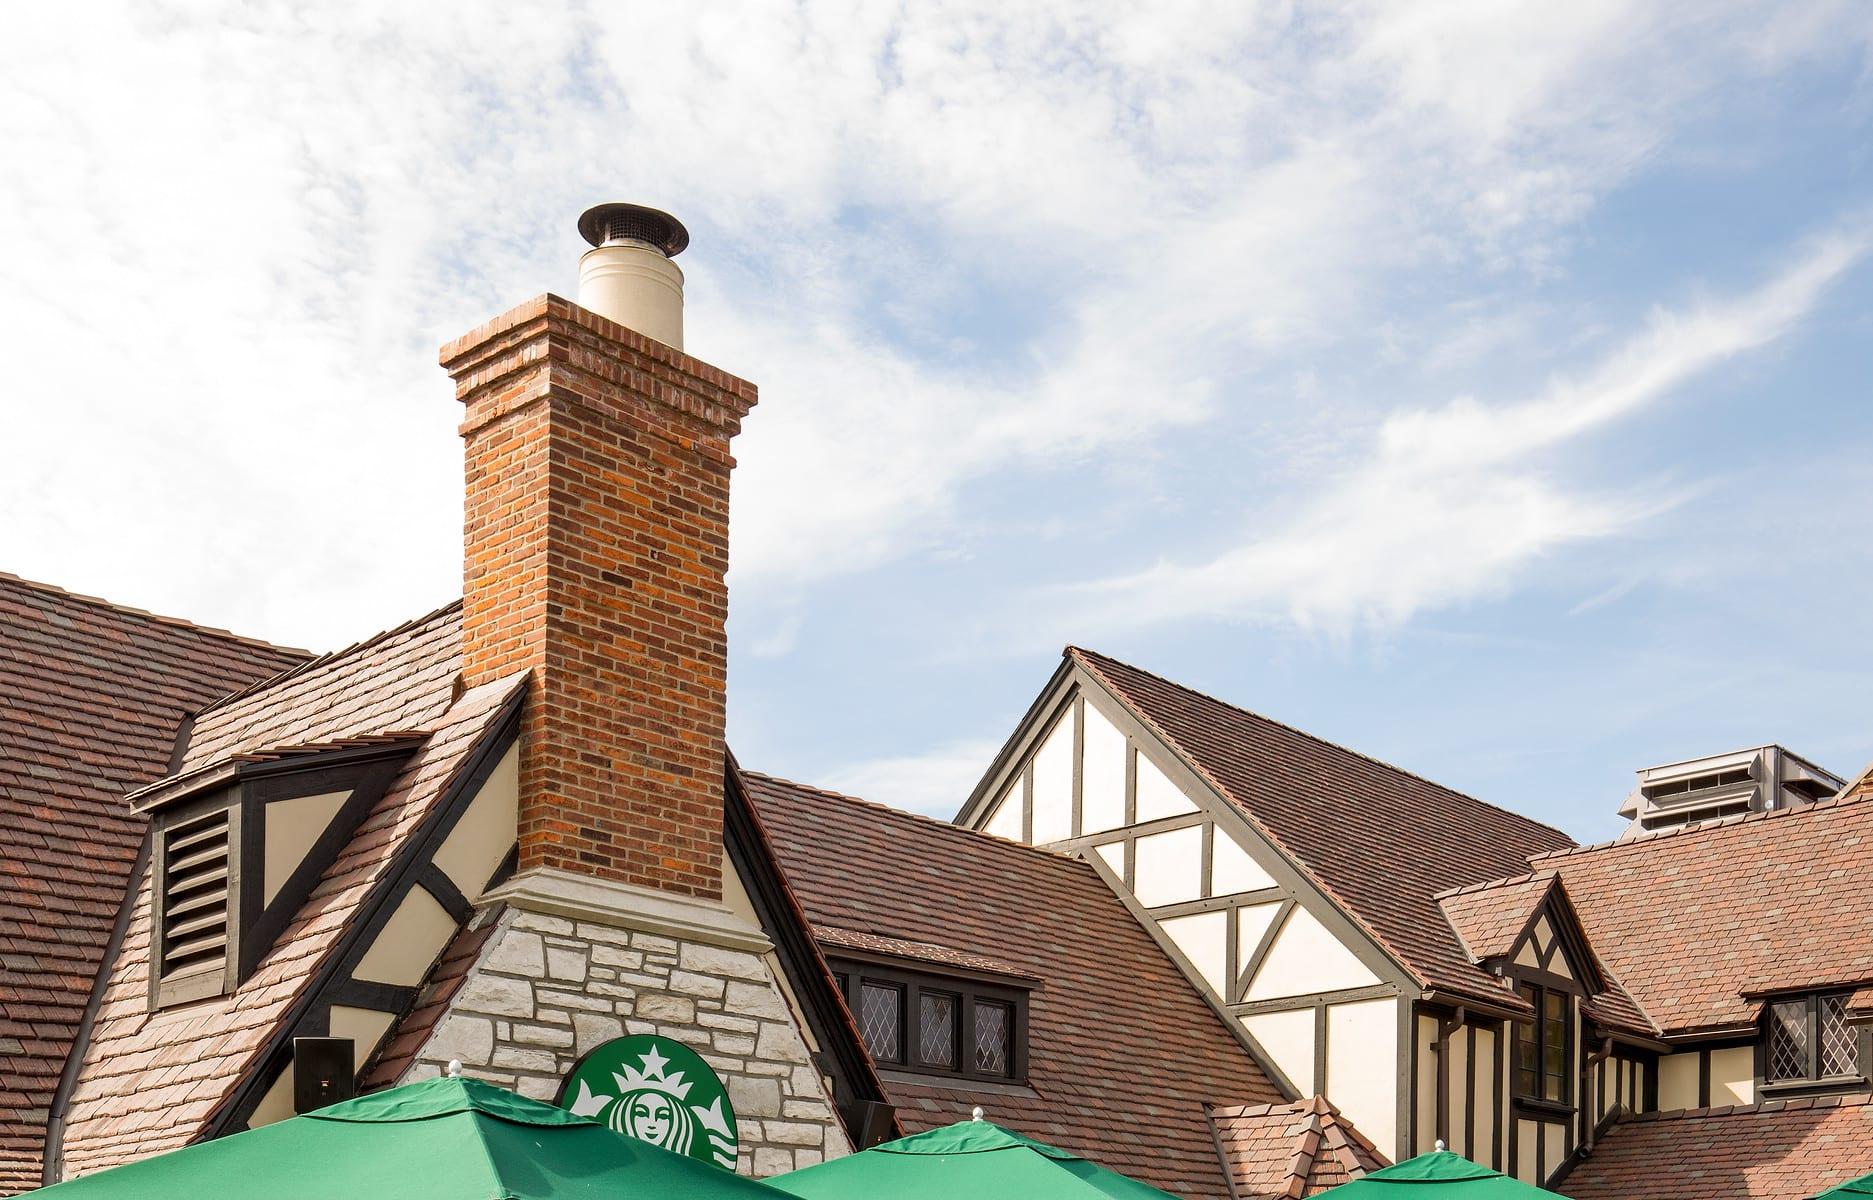 Cheshire Inn Boundary Restaurant Ludowici Roof Tile